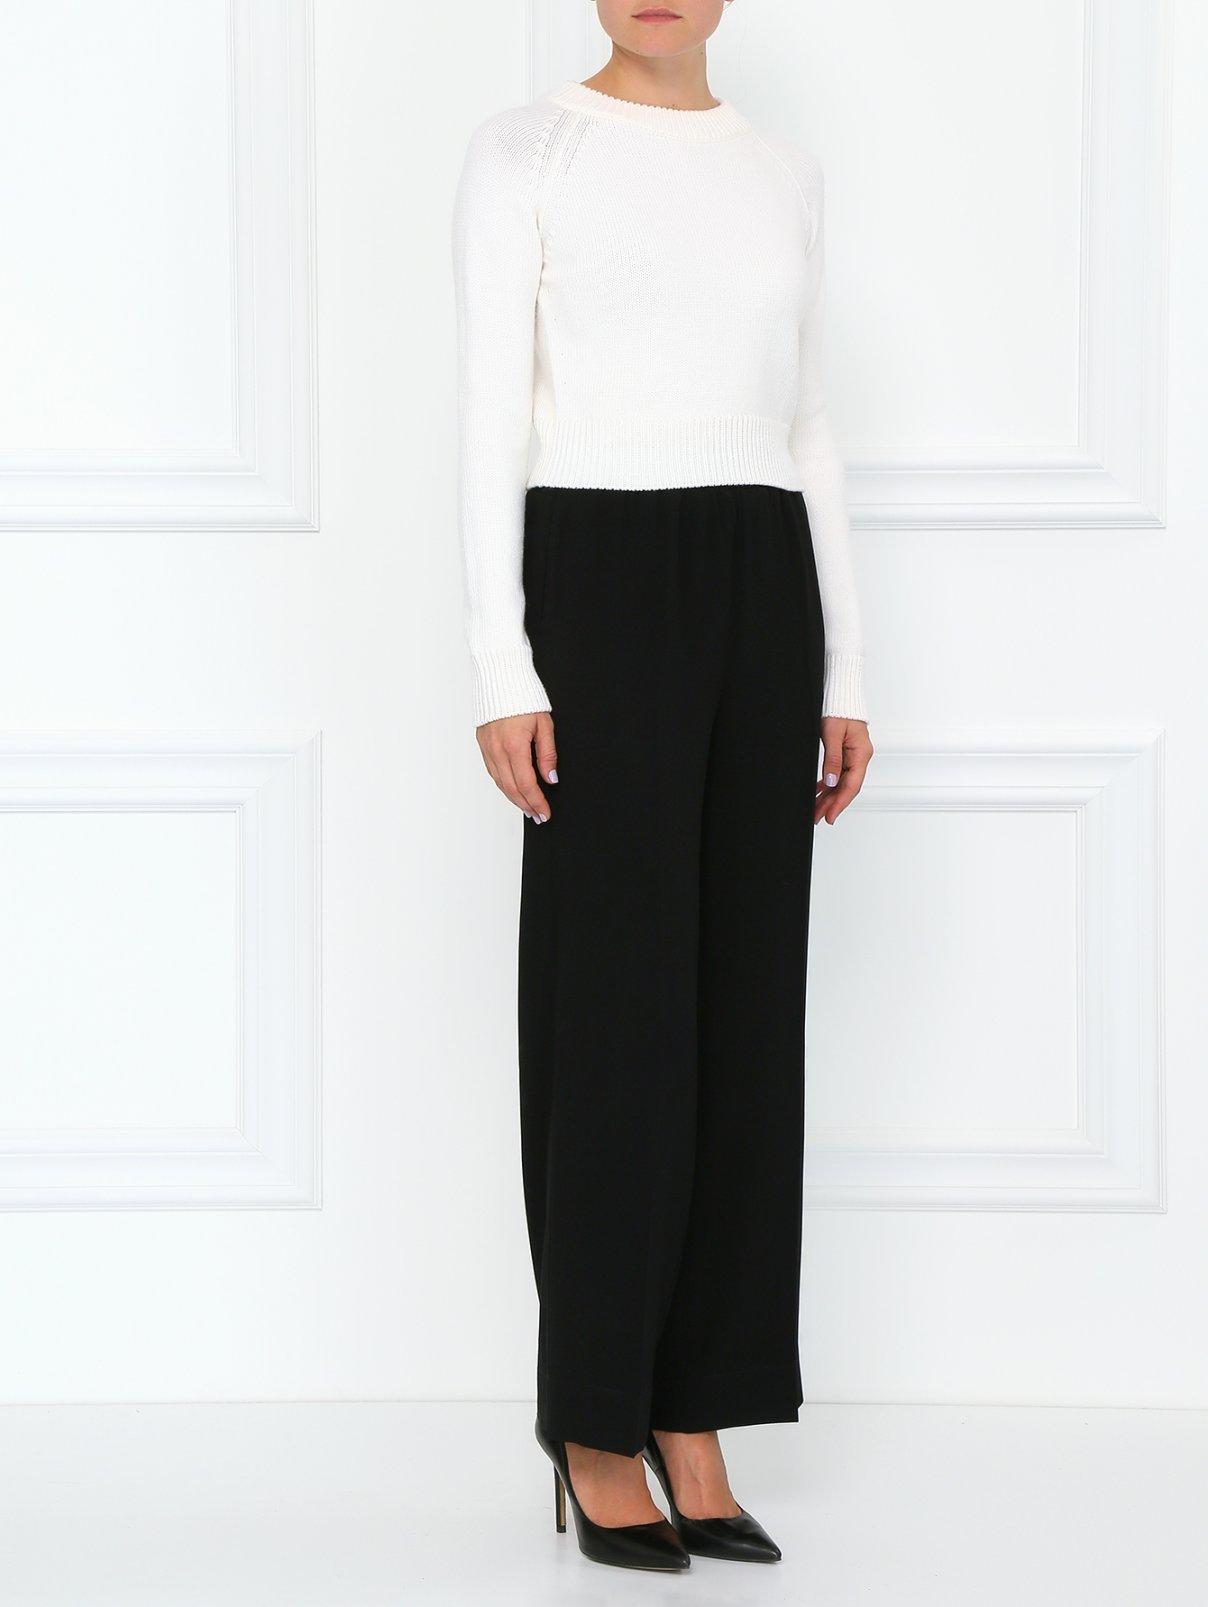 Широкие брюки на резинке Isola Marras  –  Модель Общий вид  – Цвет:  Черный